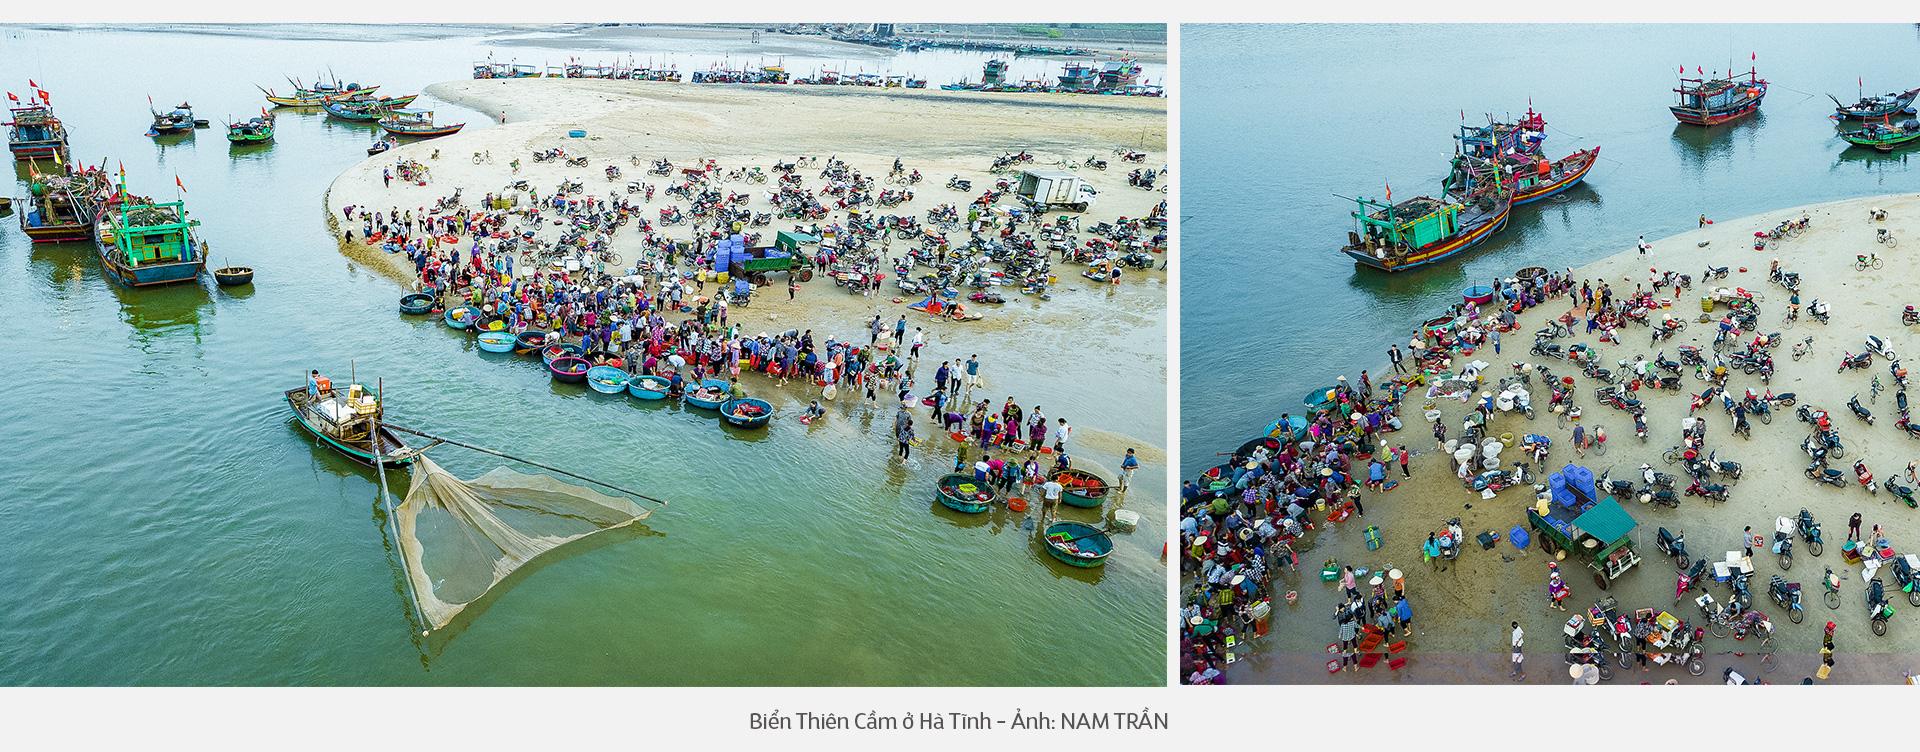 (Kì 3) mới - Biển Quảng Bình: Mời gọi cả năm giác quan - Ảnh 2.